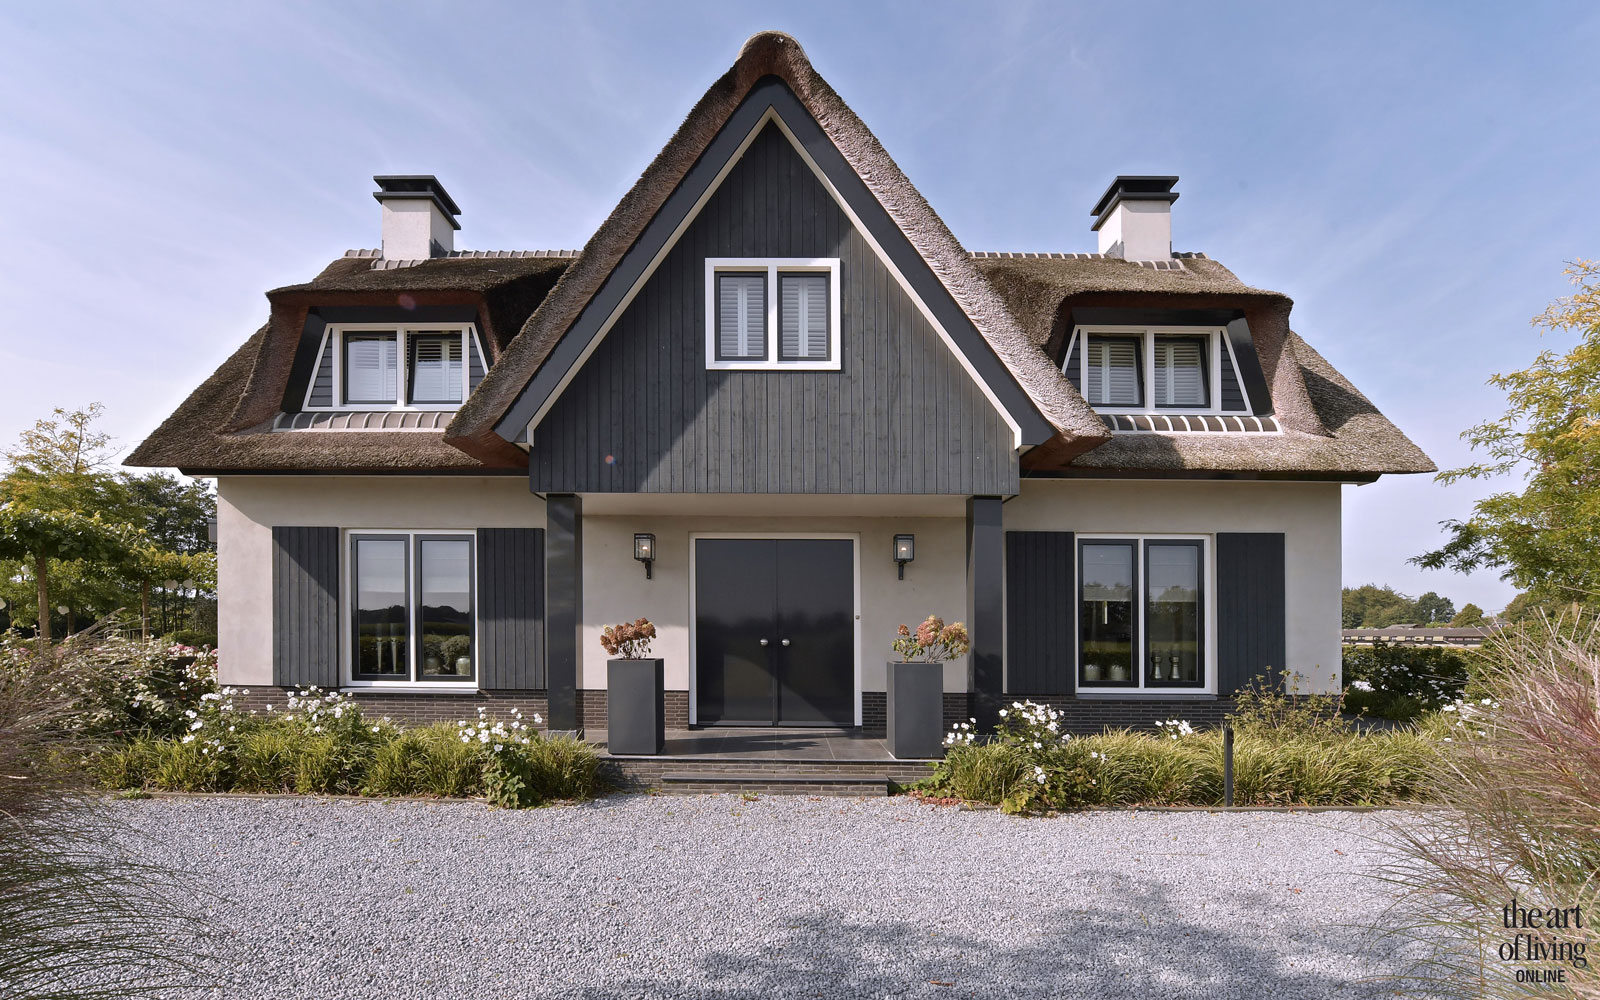 Villabouw in landelijke stijl, Drie landelijk gebouwen, U-vorm, Boxxis architecten, villa, landelijke villa, the art of living